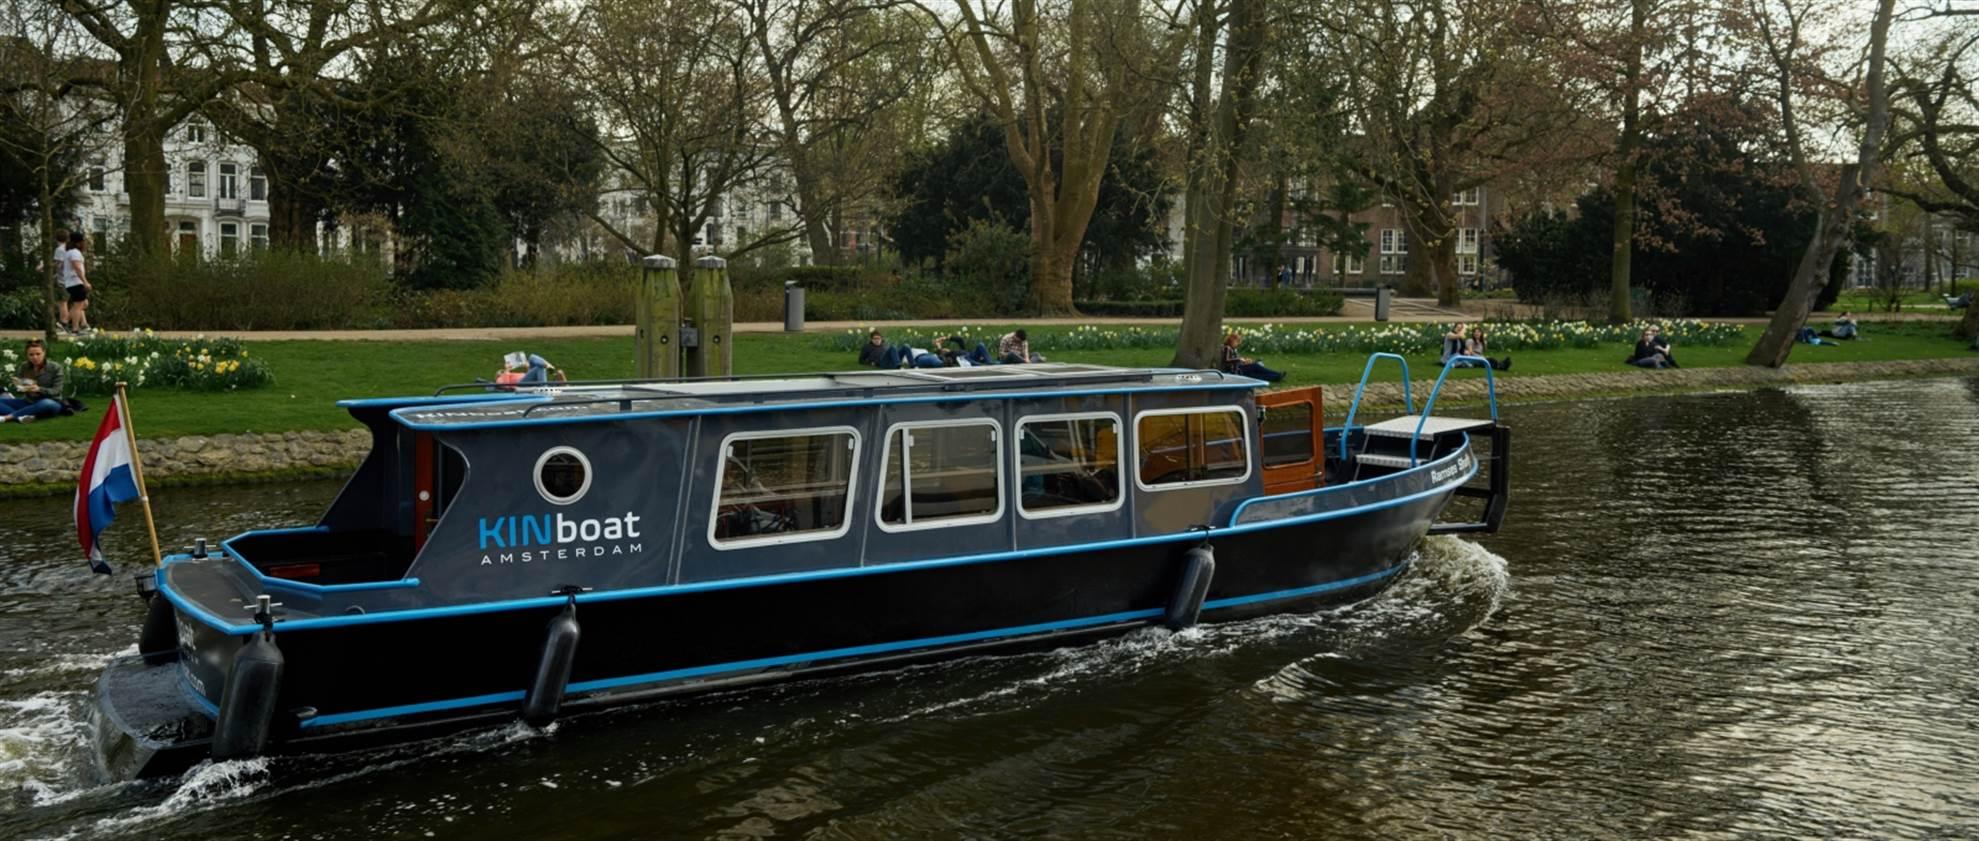 Crucero por el canal - pequeño barco privado